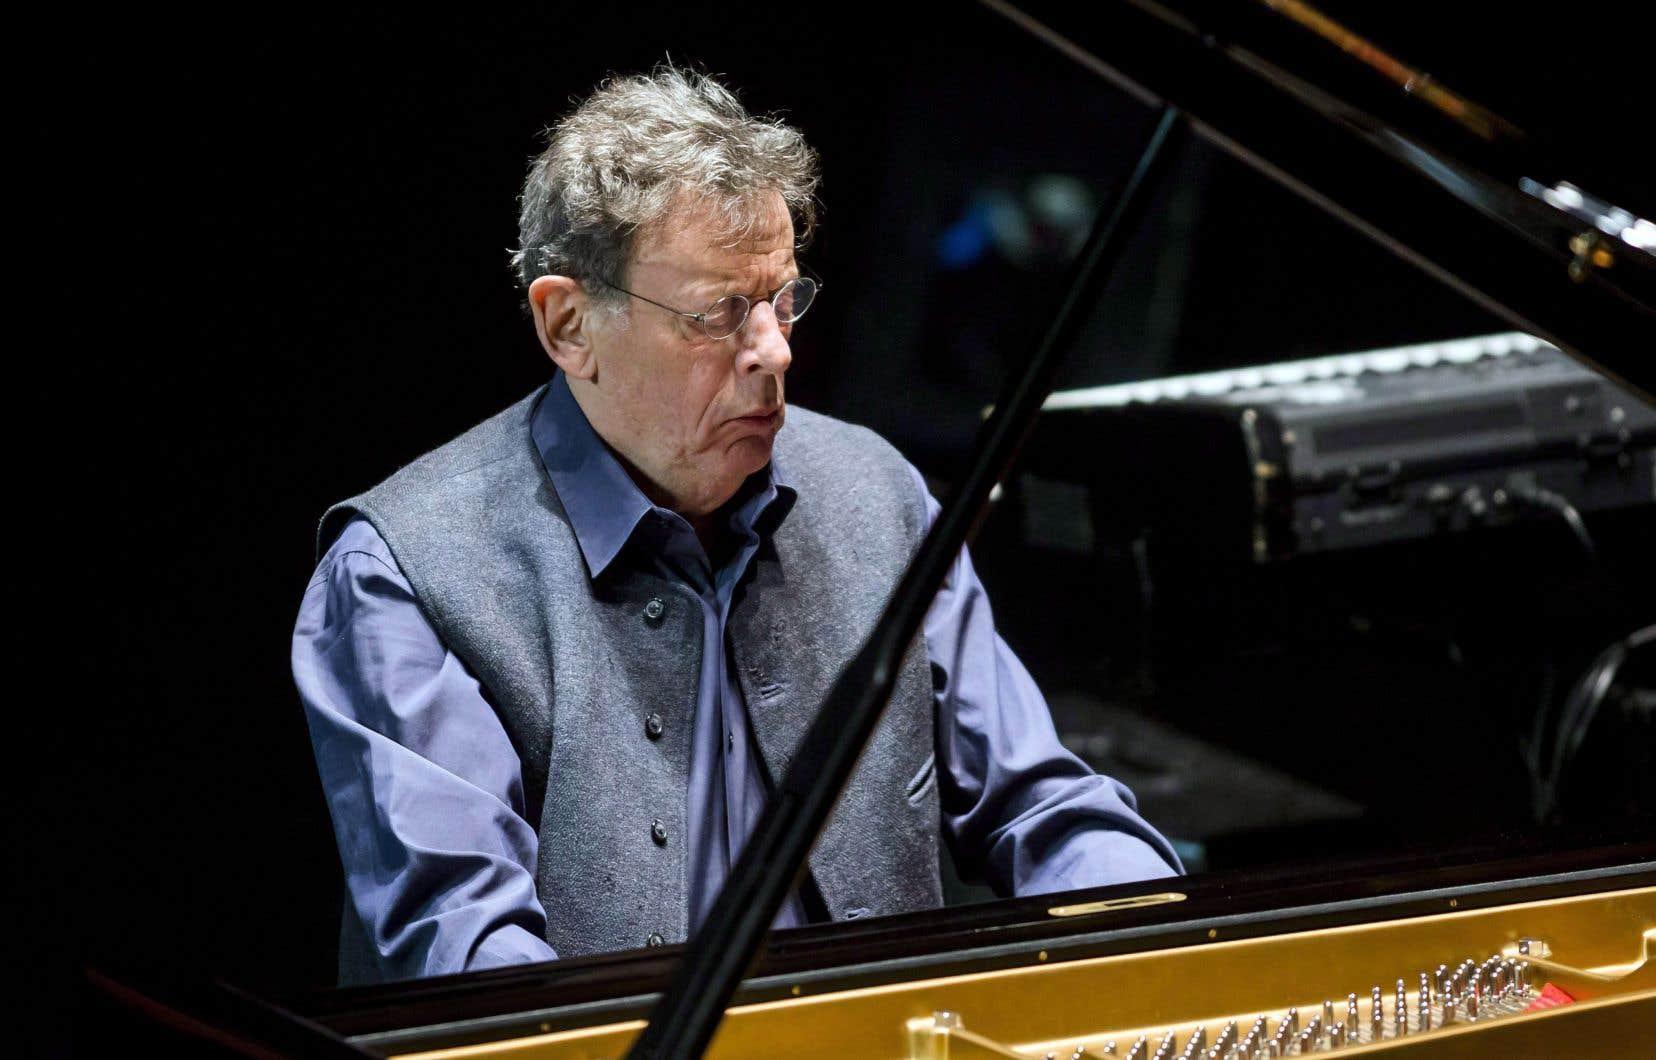 Àgé de 82ans, Philip Glass est plus actif que jamais. Si cette oeuvre devait devenir une symphonie, ce serait sa douzième.